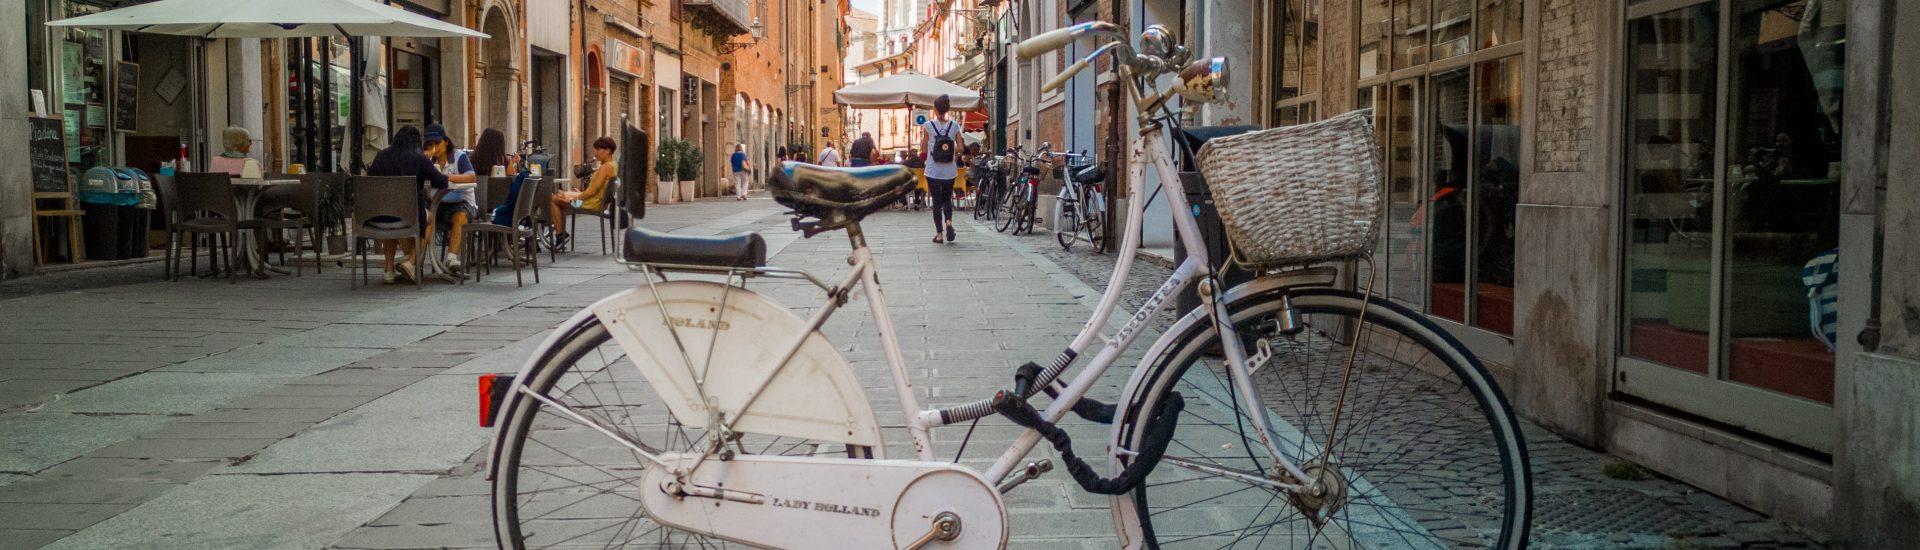 Ferrara-in-un-giorno